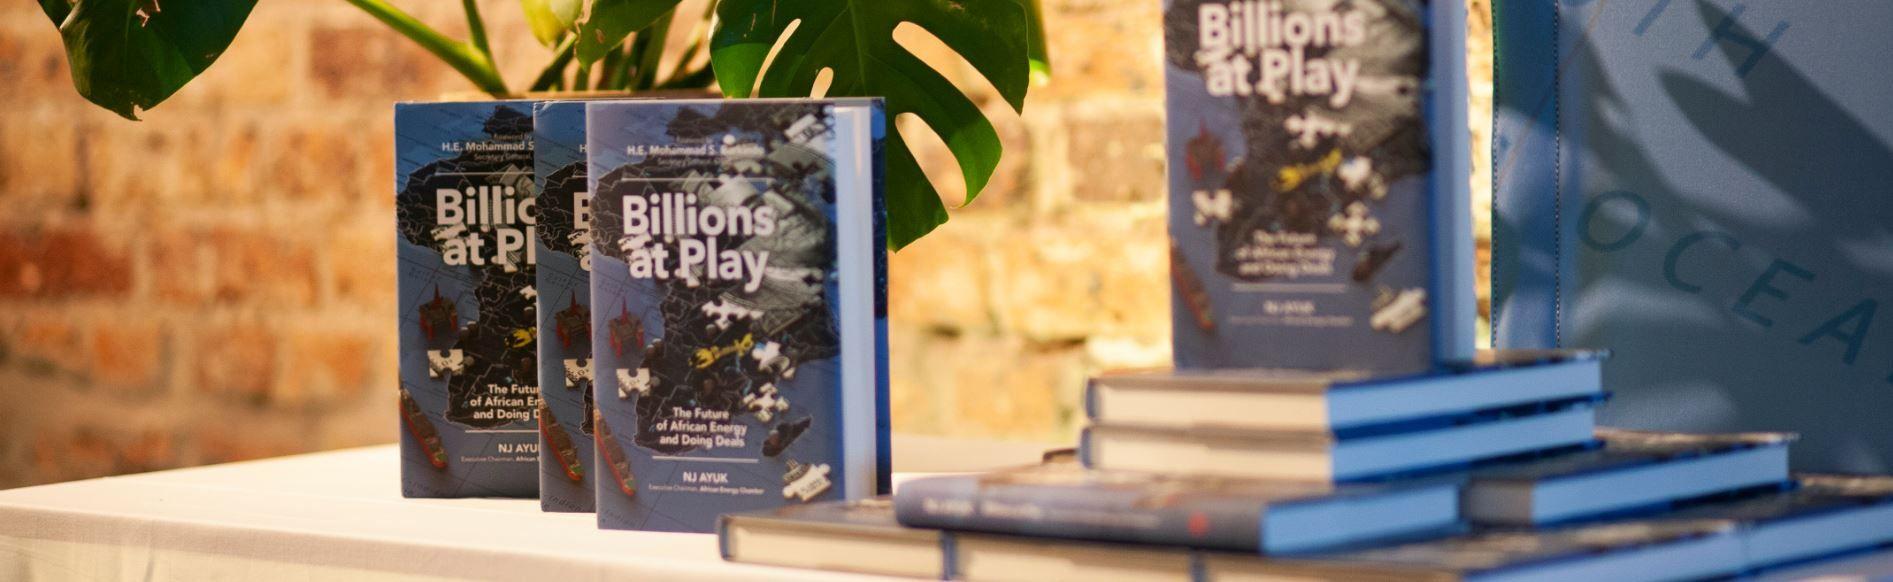 Foto de Billions at play